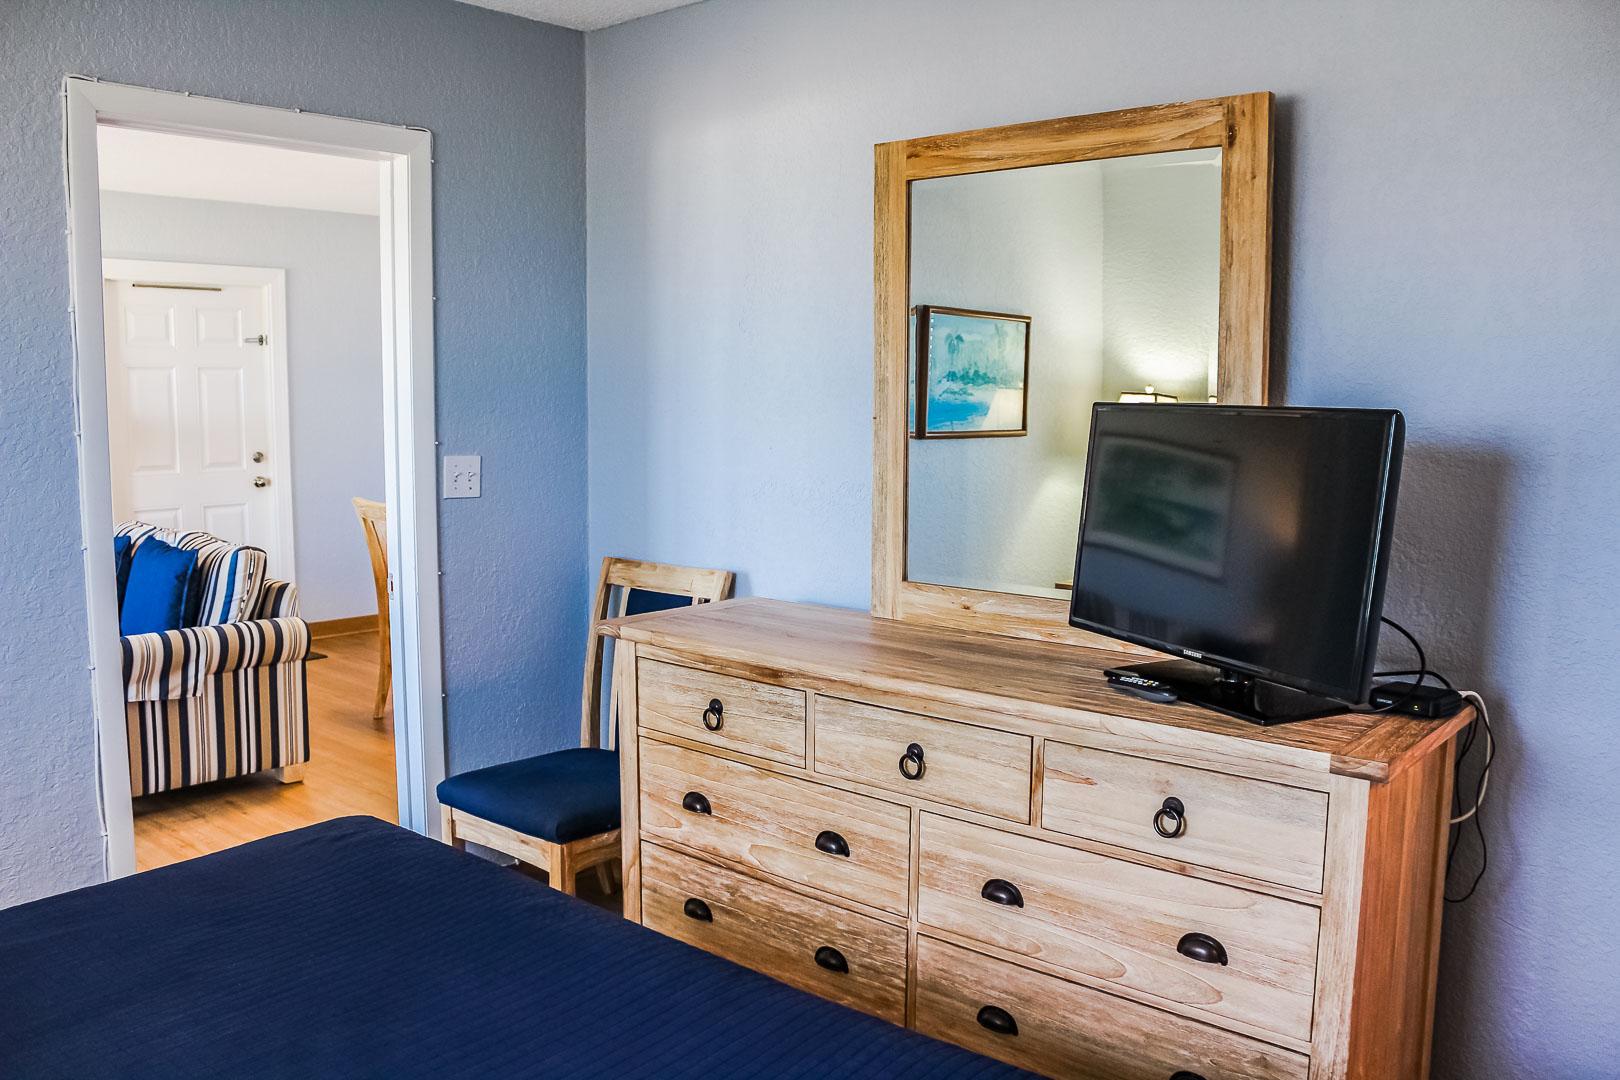 A quaint master bedroom unit at VRI's Berkshire Beach Club in Florida